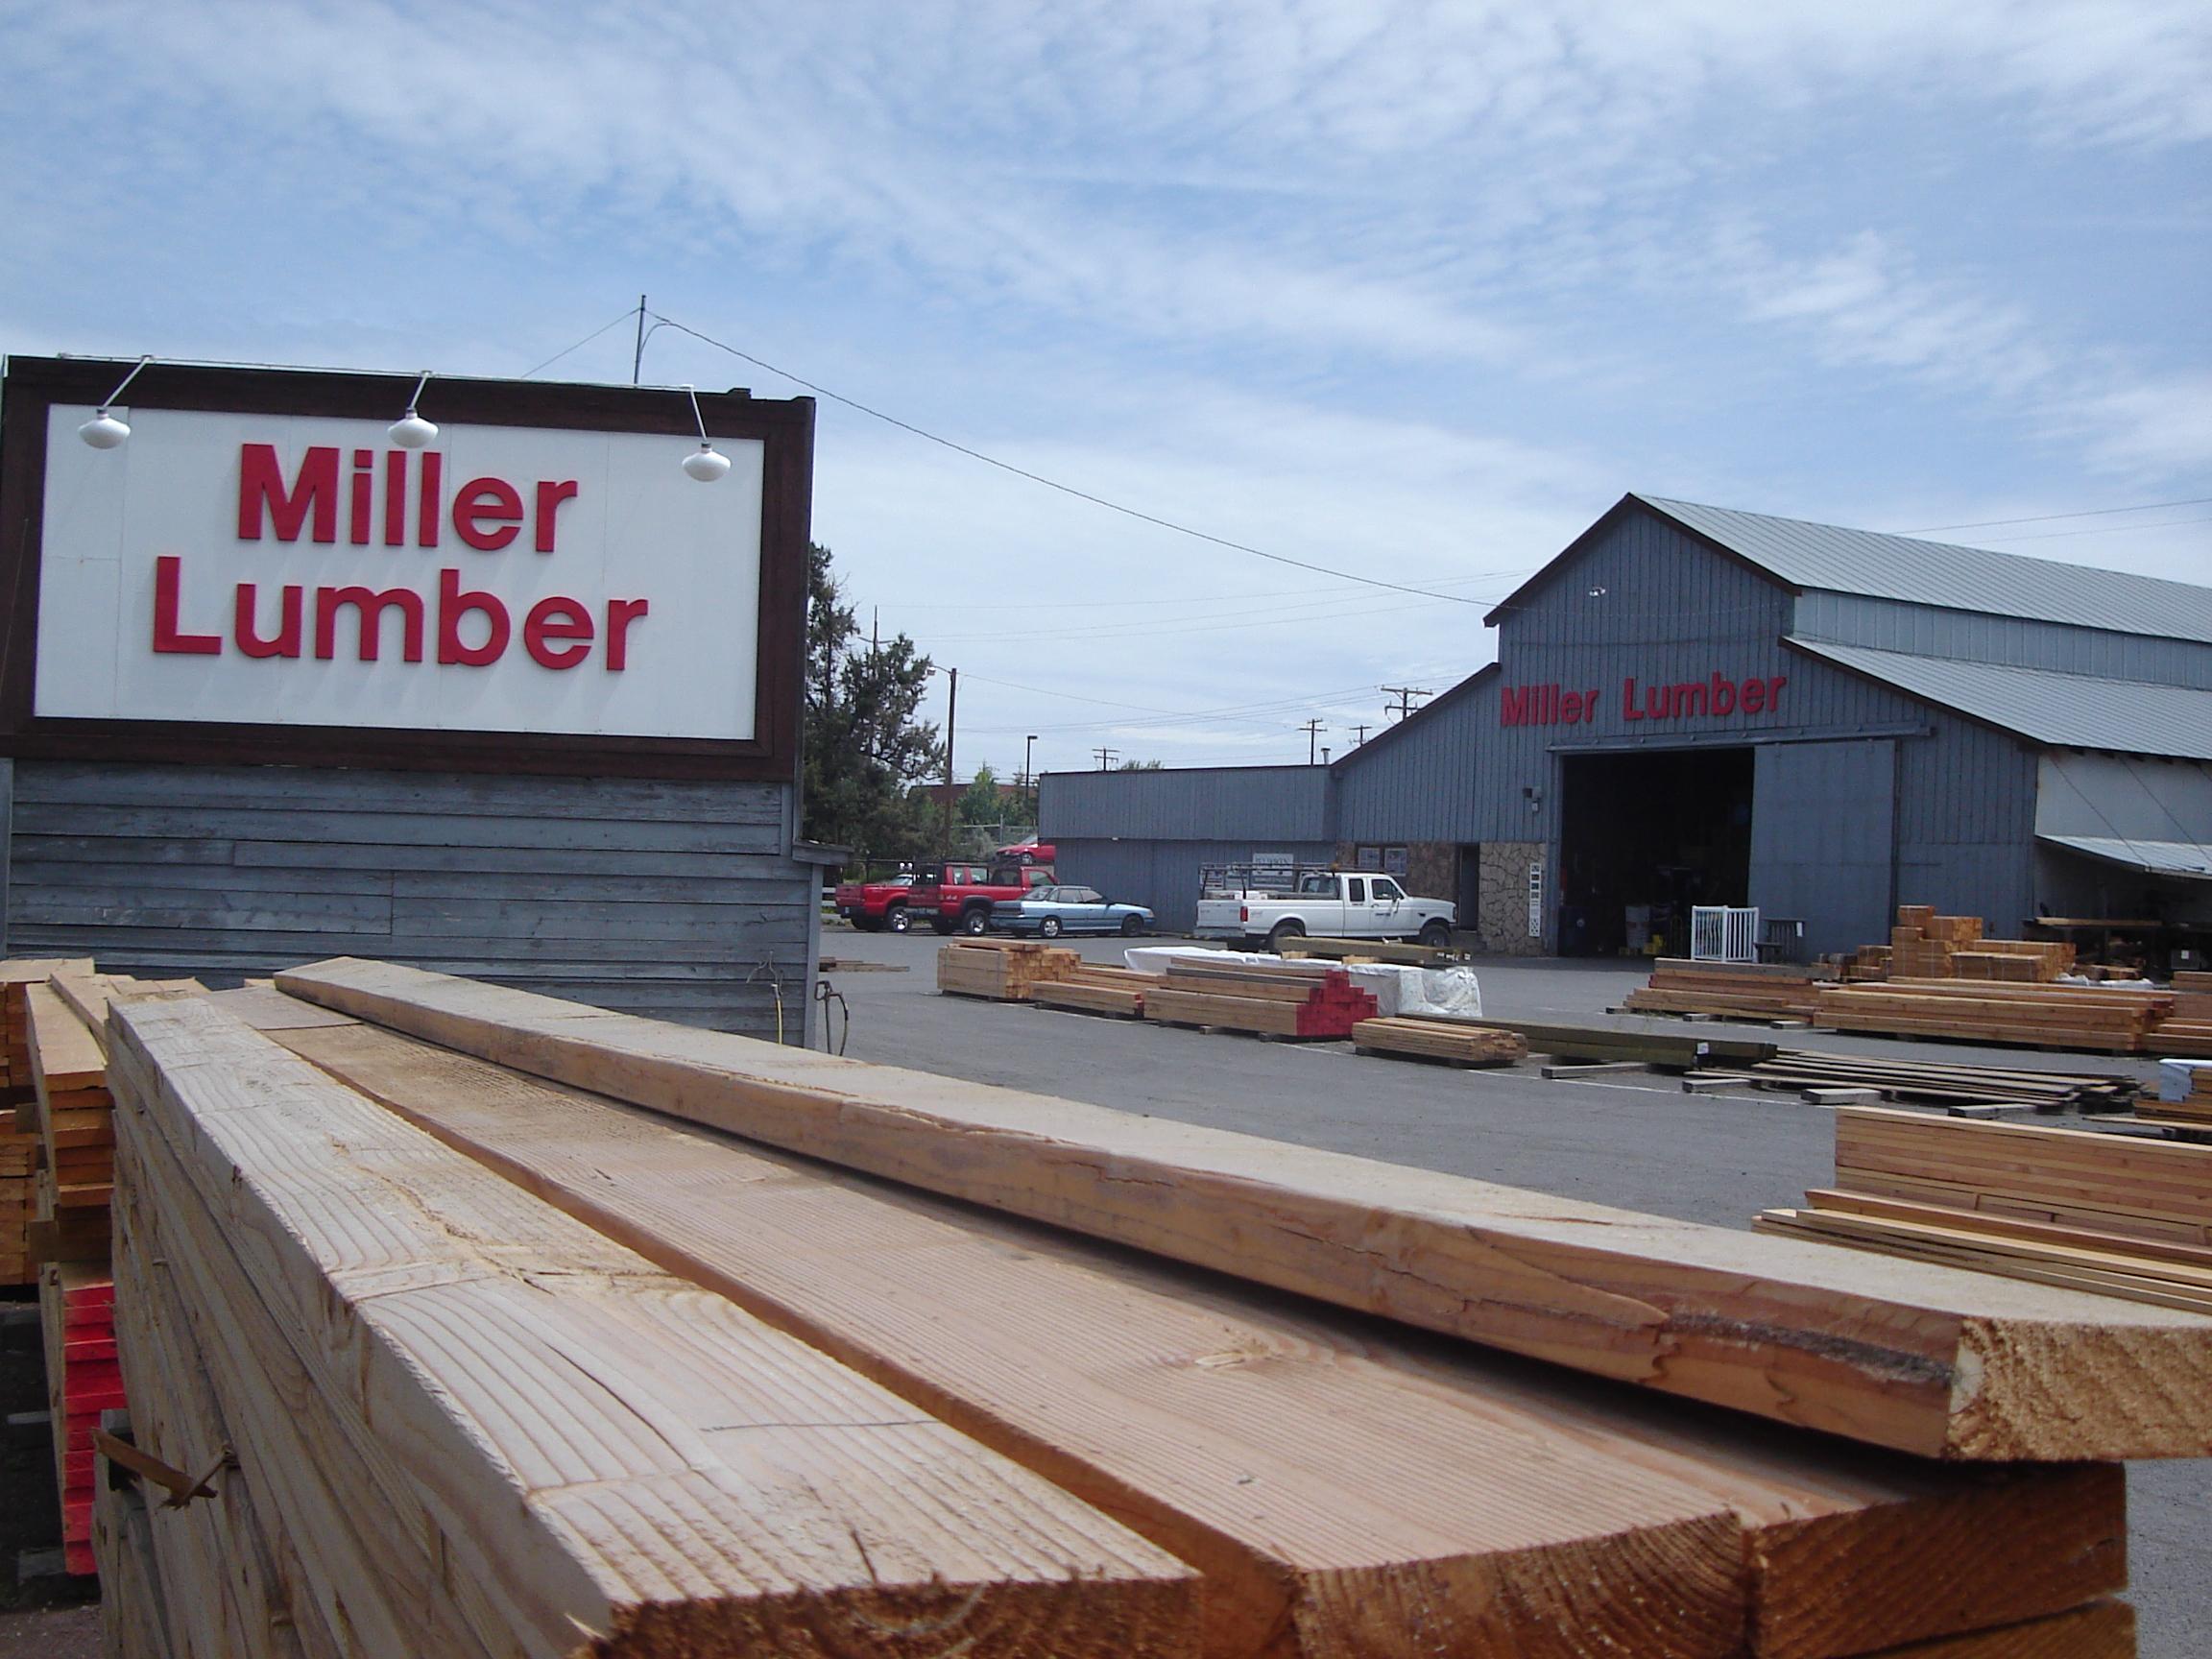 Redmond Miller Lumber